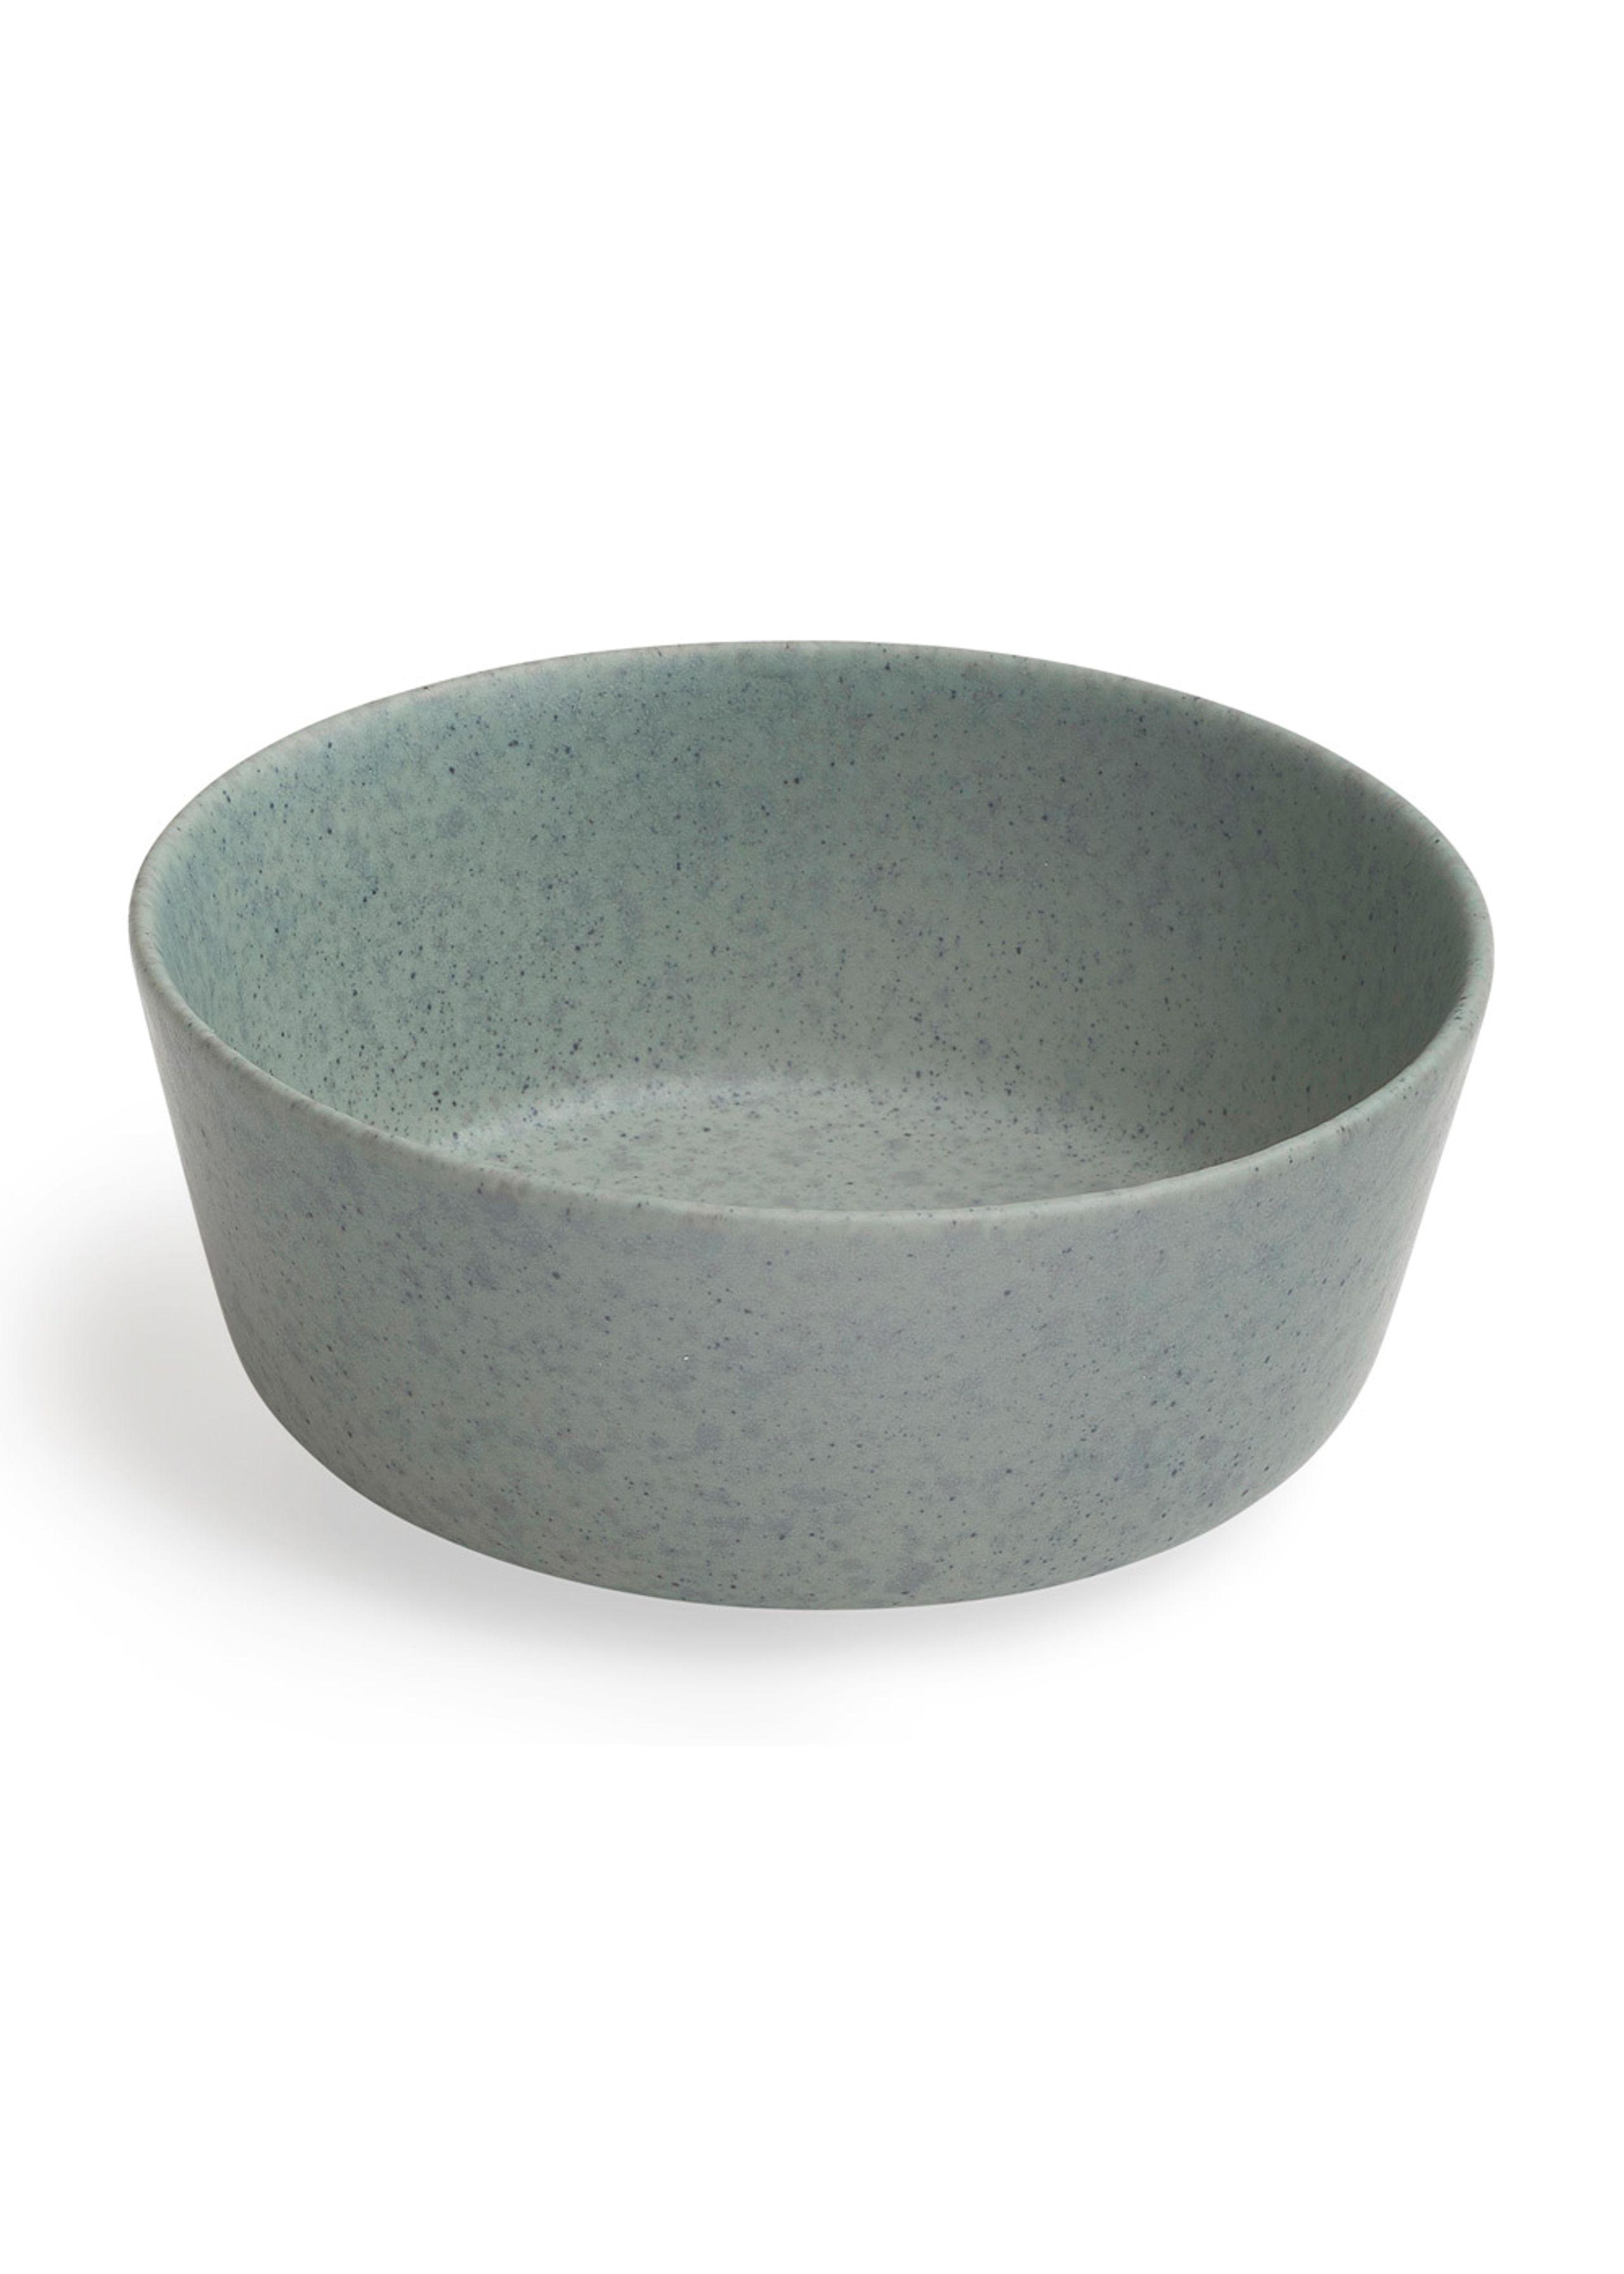 Ombria skål